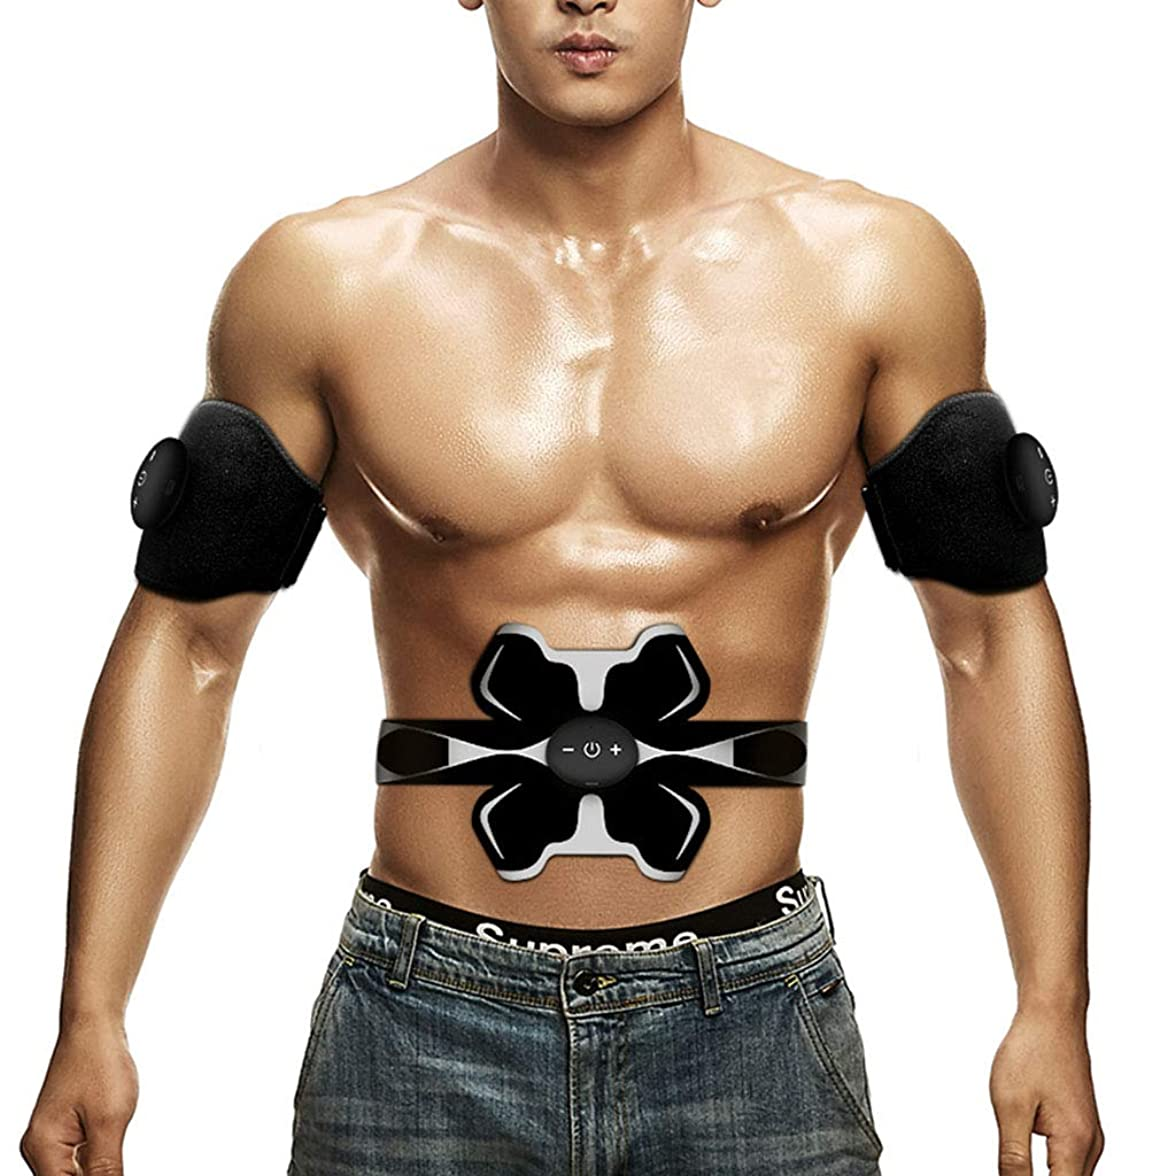 毛皮ビスケット普通のフィットネス薄いベルト、男性のスマート腹部ボディボディ腹部ベルト腹部筋肉トナー腹部カラーベルト筋肉トナー筋肉腹部トレーナー (Color : BLACK, Size : 20*52CM)